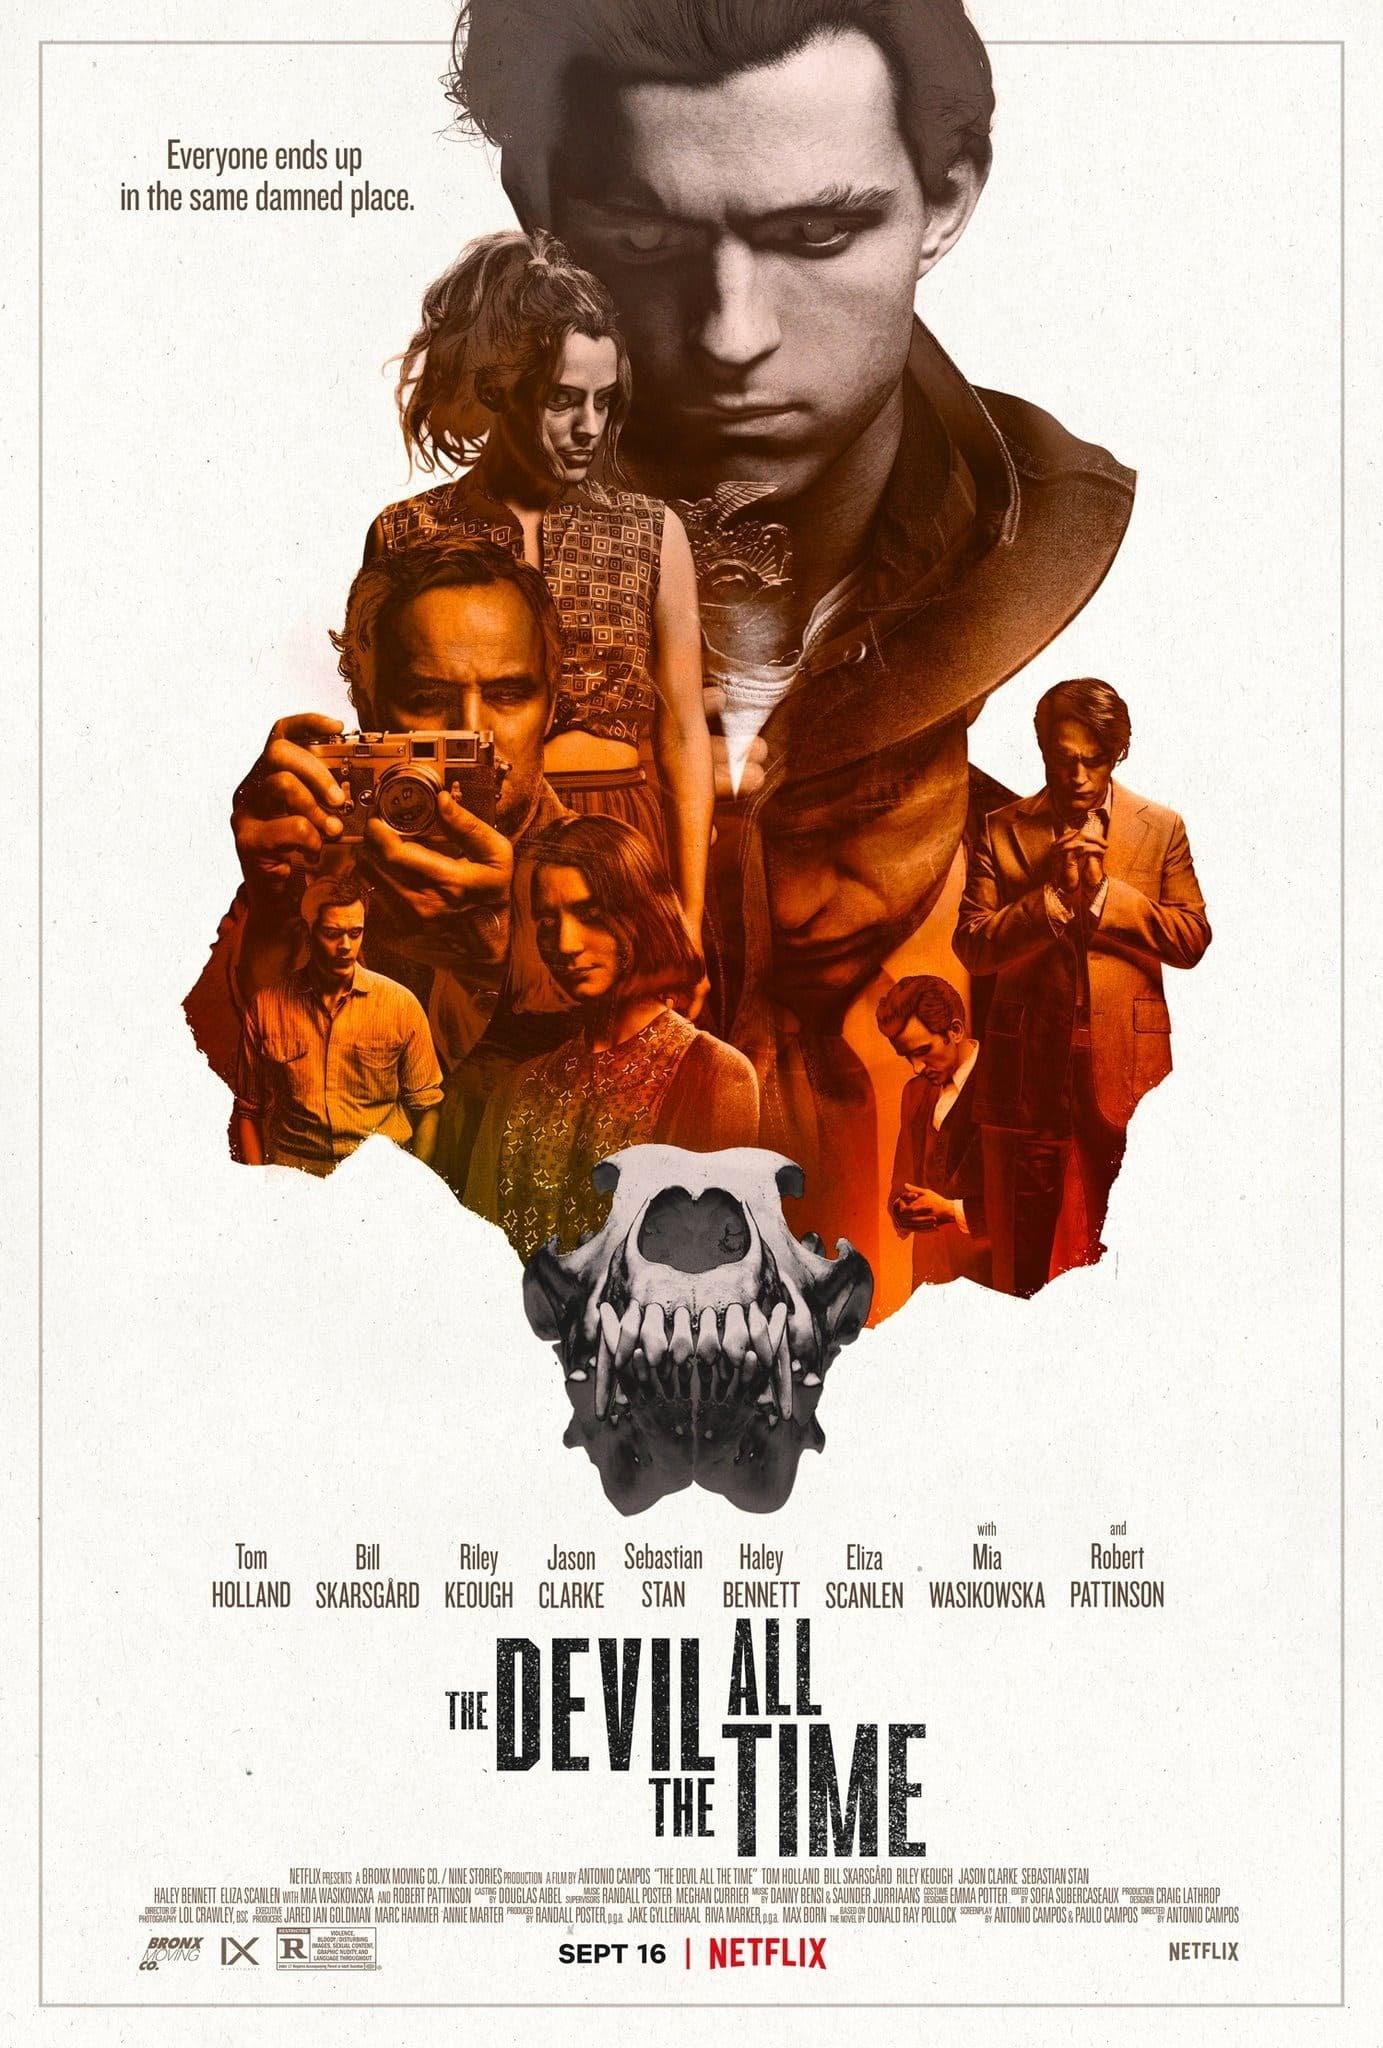 The Devil All the Time : スパイダーマンのトムとバットマンのロバート・パティンソンが対決する傑作スリラー小説の映画化「ザ・デヴィル・オール・ザ・タイム」の新しいポスター ! !